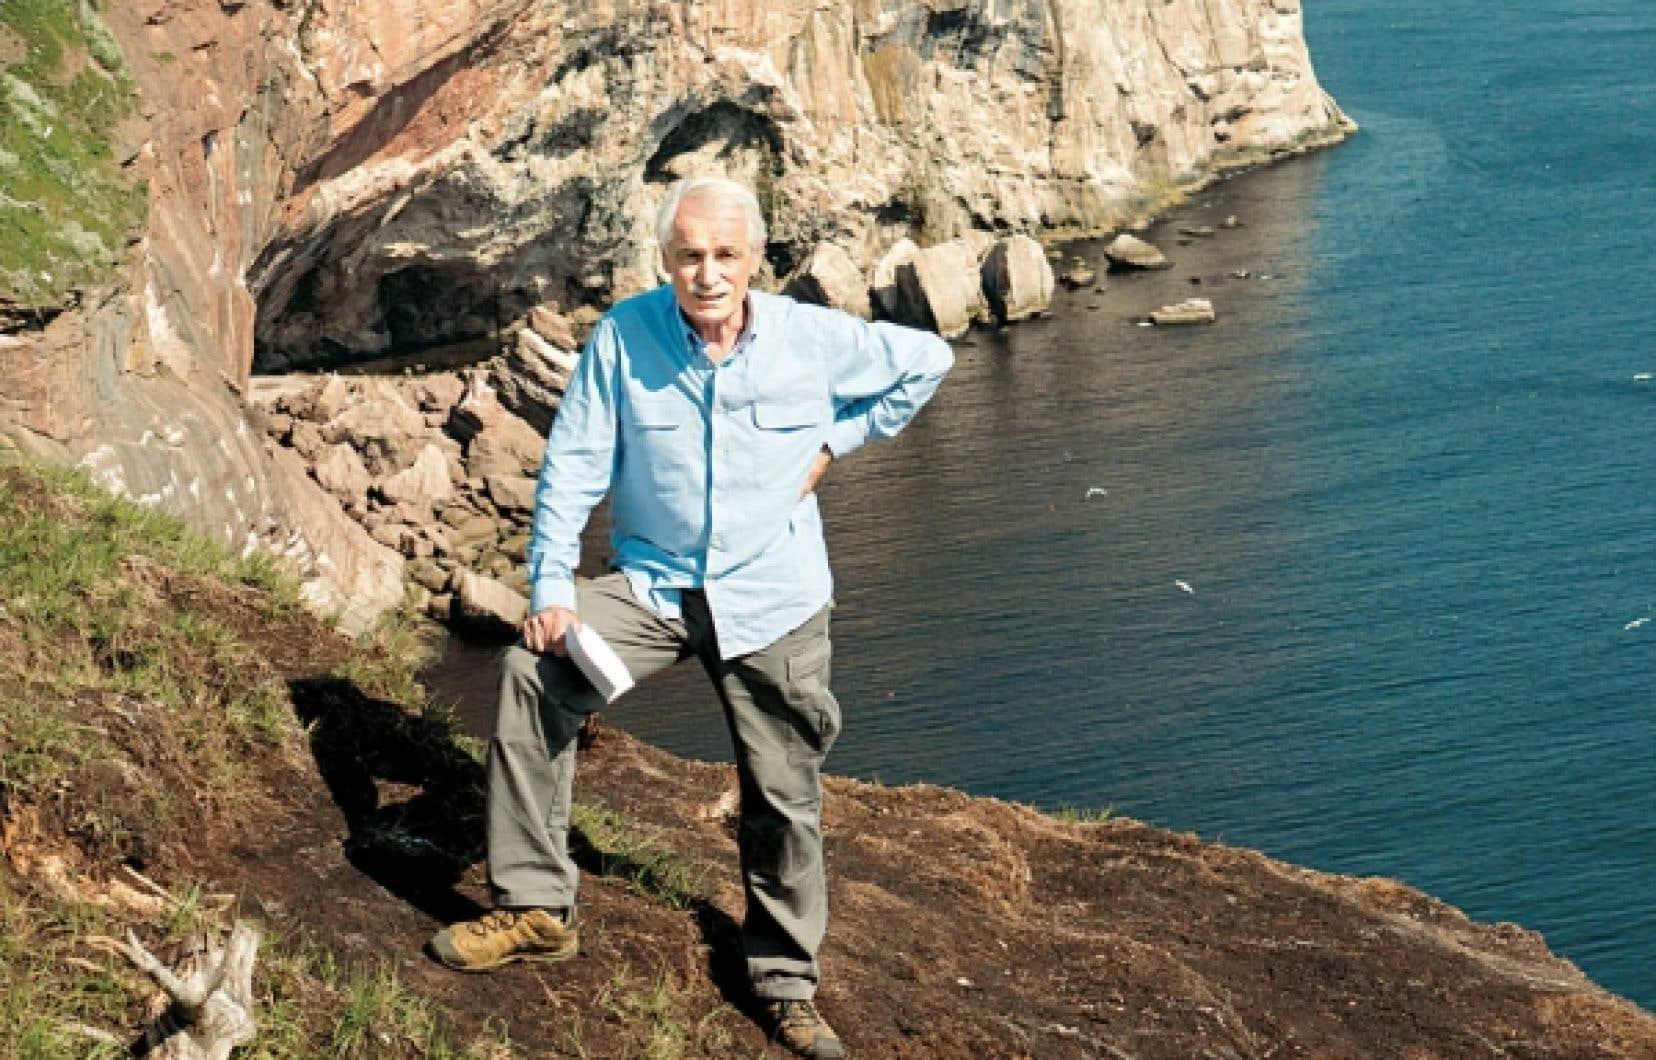 L'écologiste et cinéaste français Yann Arthus-Bertrand, sur les rochers de l'île Bonaventure, en face de Percé. Il y a amorcé la semaine dernière son dossier consacré aux défis écologiques du Québec.<br />